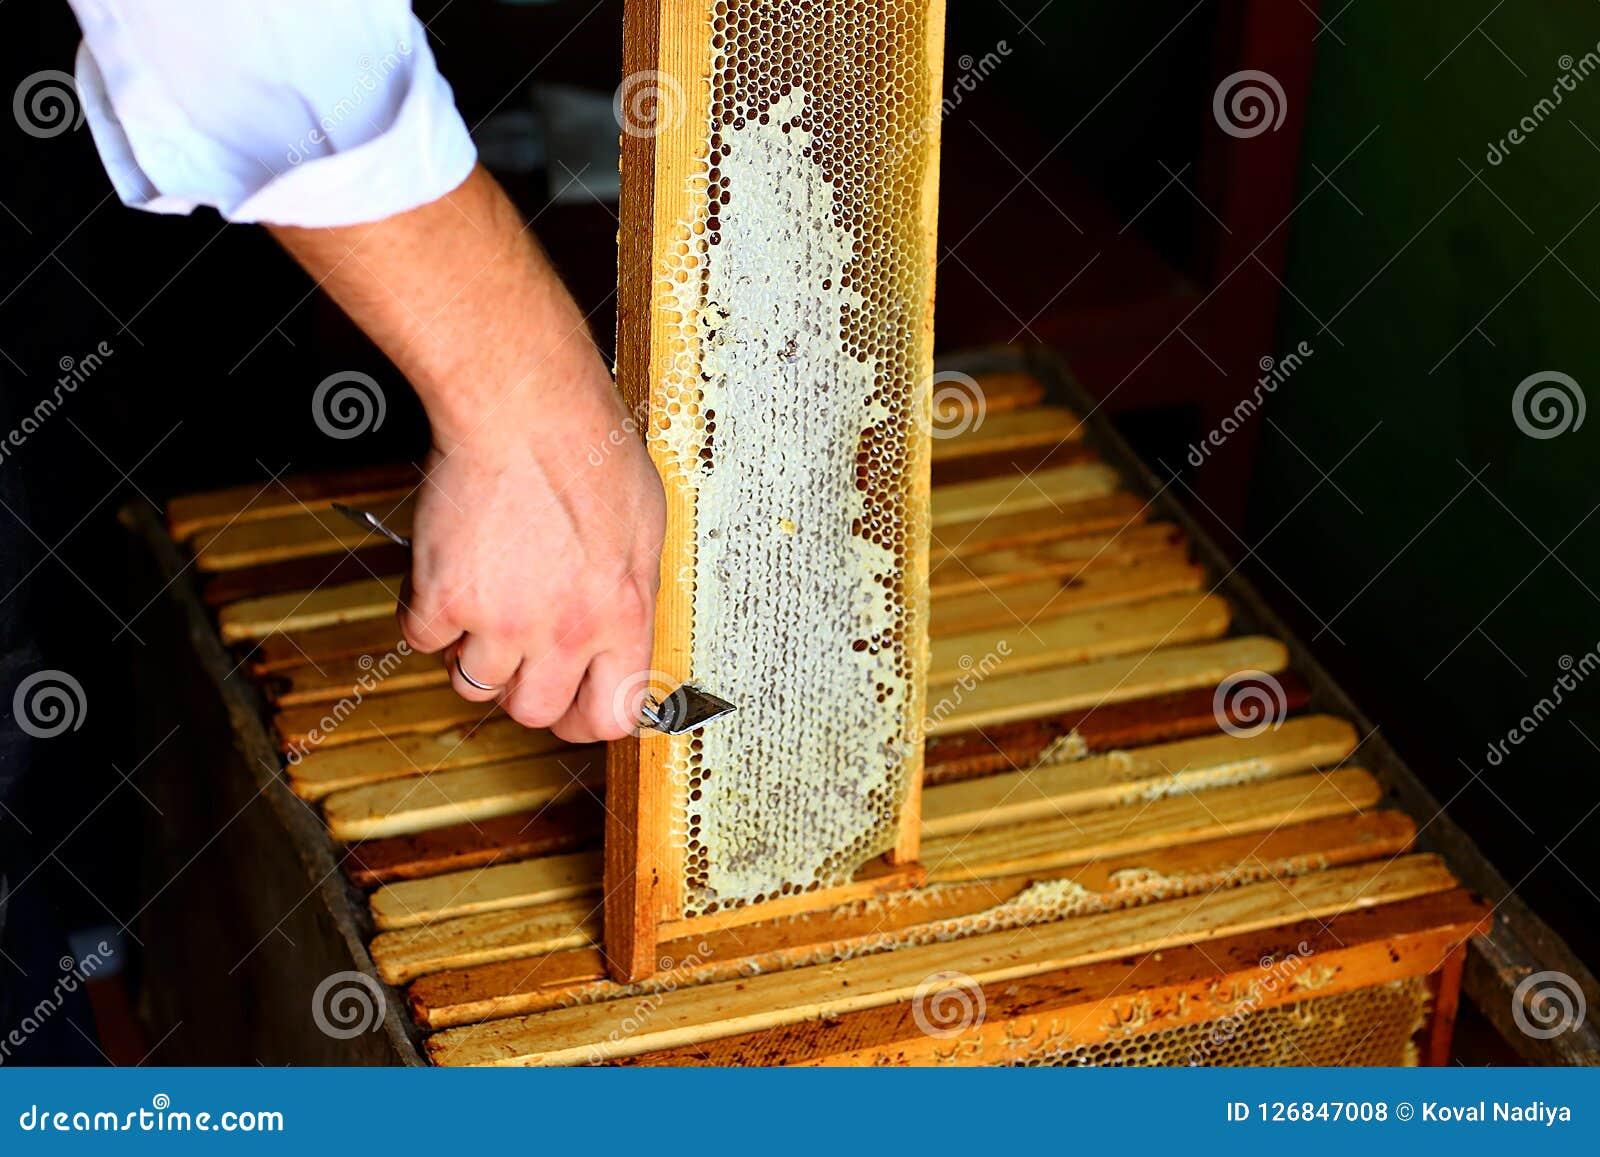 与蜂的框架 与开盖叉子的蜂窝 从蜂蜂房被收获的未加工的蜂蜜 养蜂业概念 地道生活方式